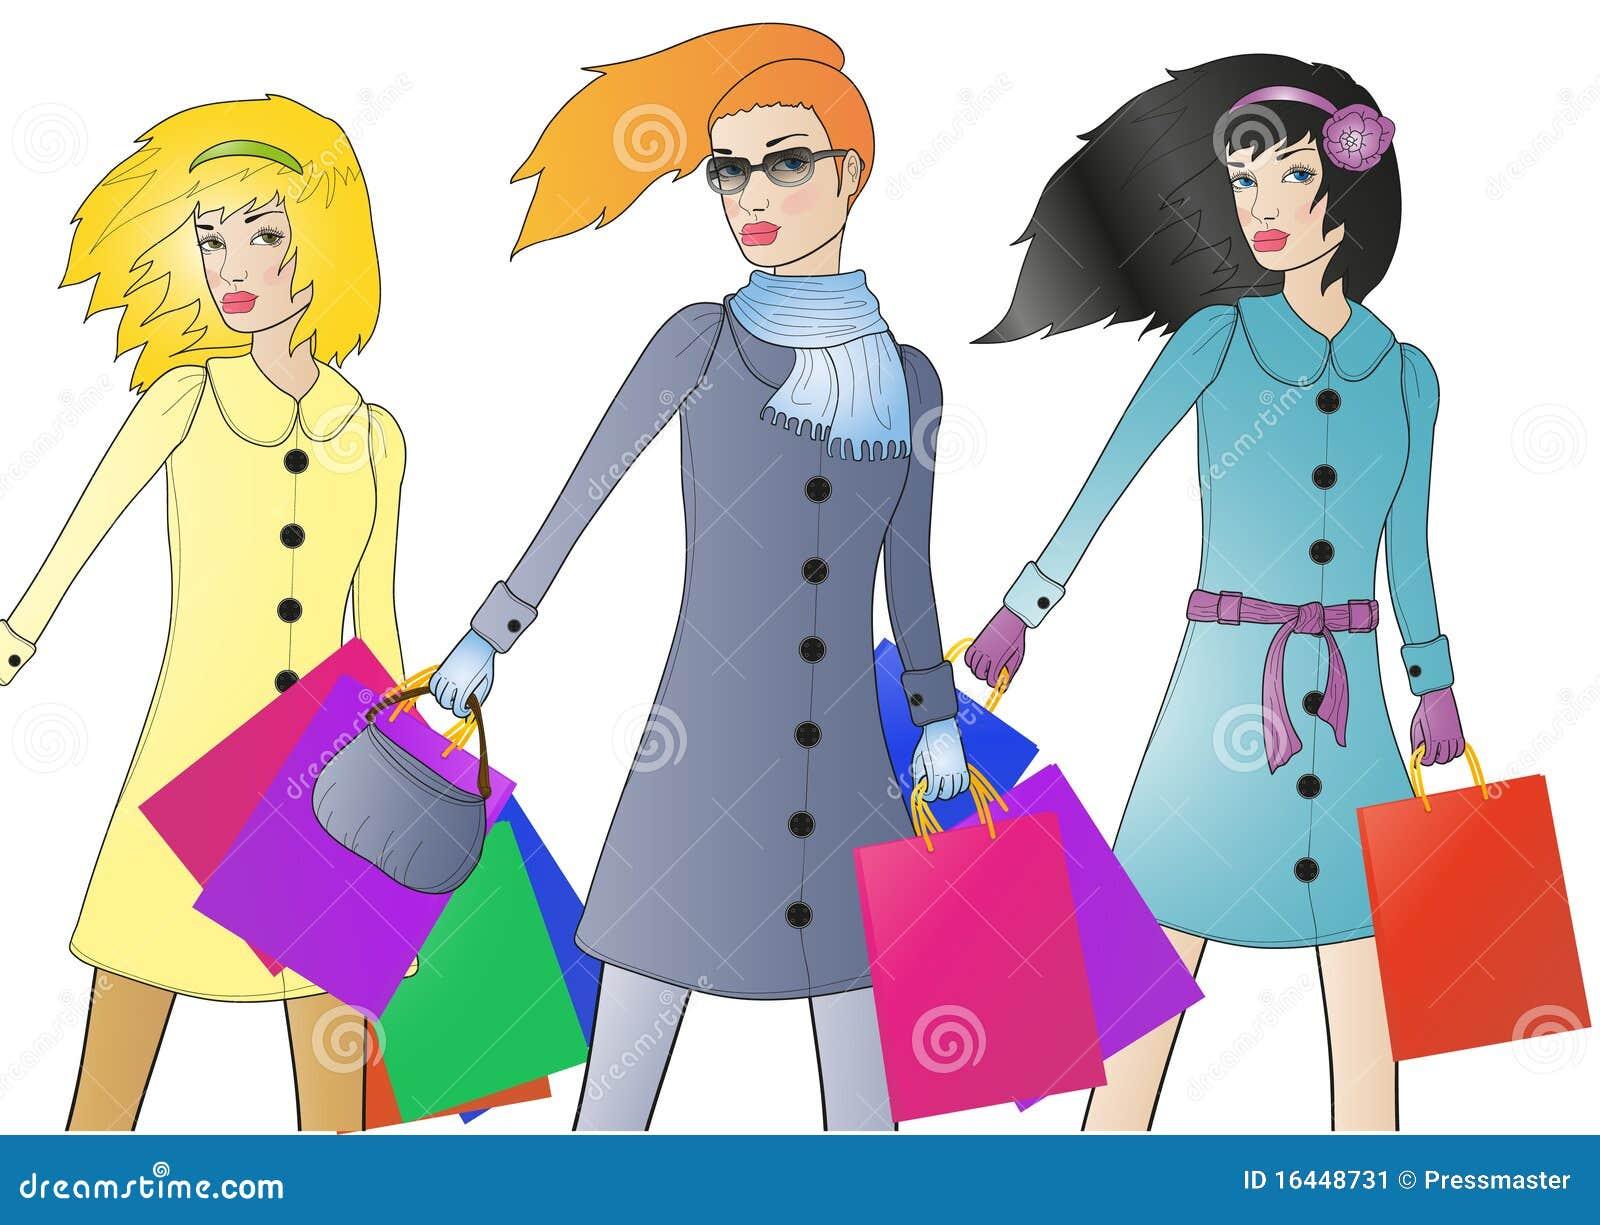 Fashionable shoppers stock illustration. Illustration of background ... c0455abd9b